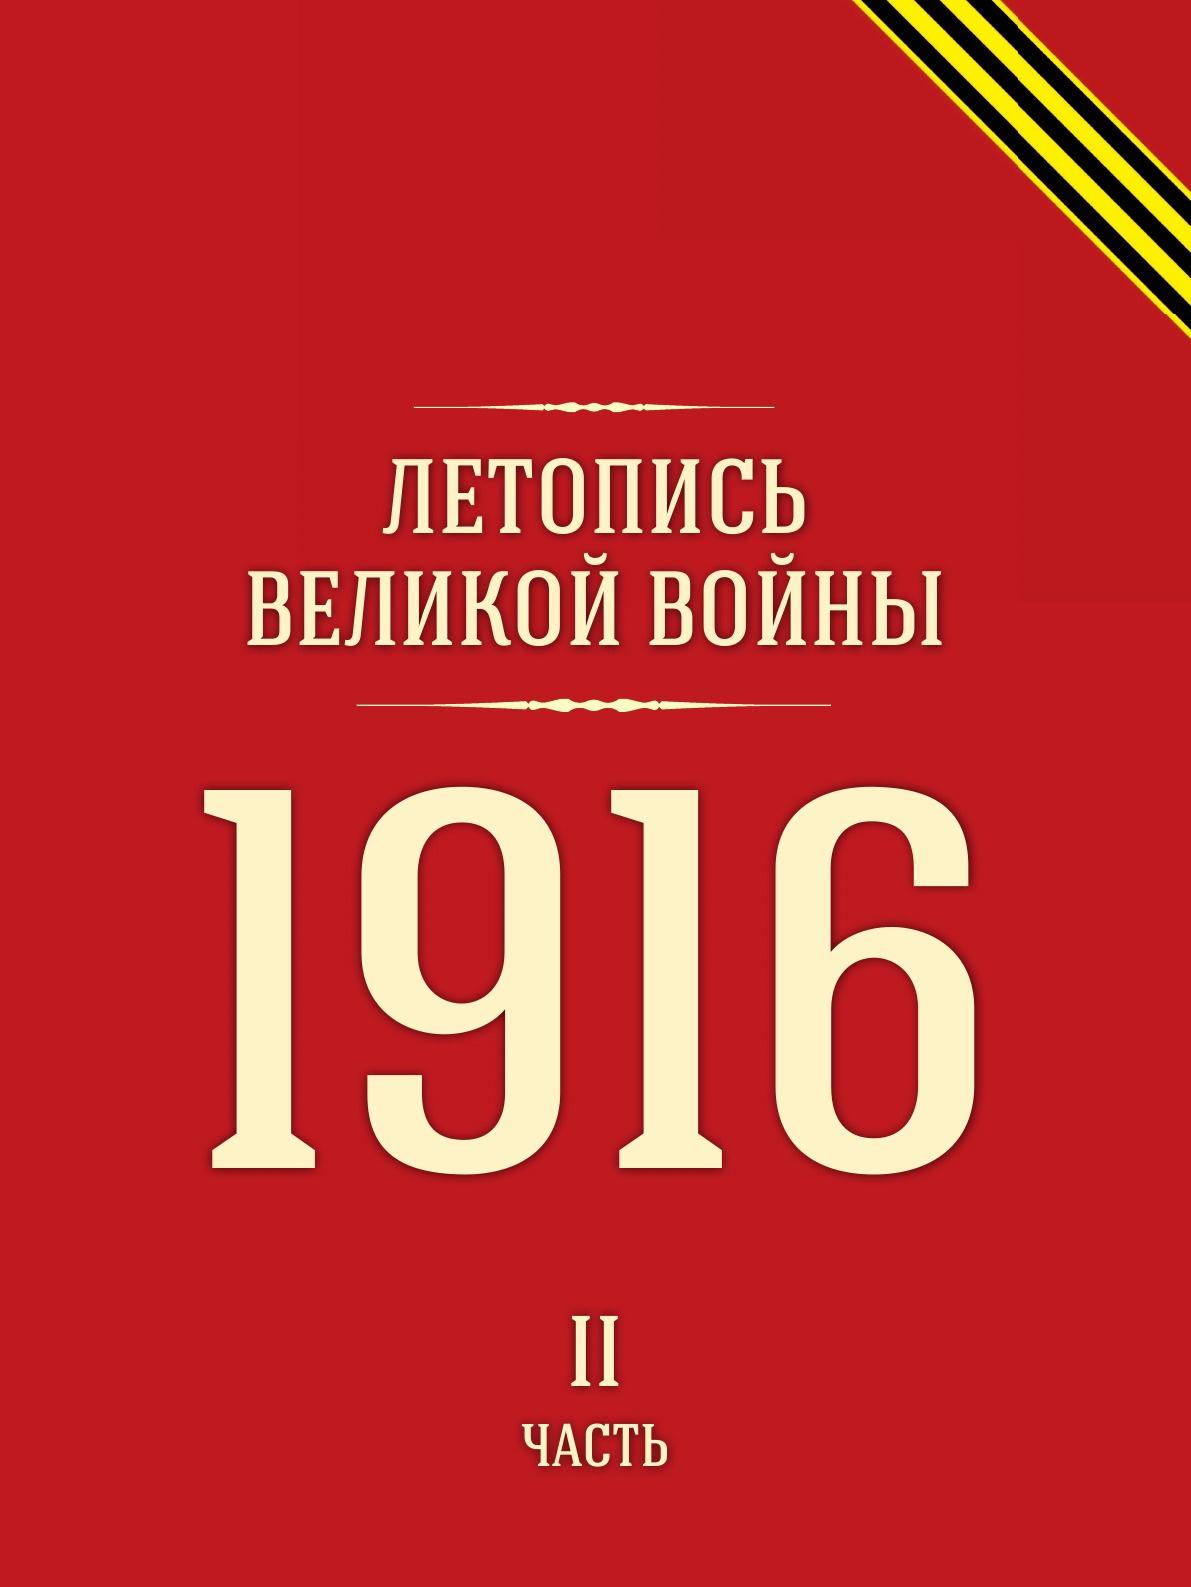 Летопись Великой войны. 1916 Часть II daniel polo de sibri летопись тейлса частьi